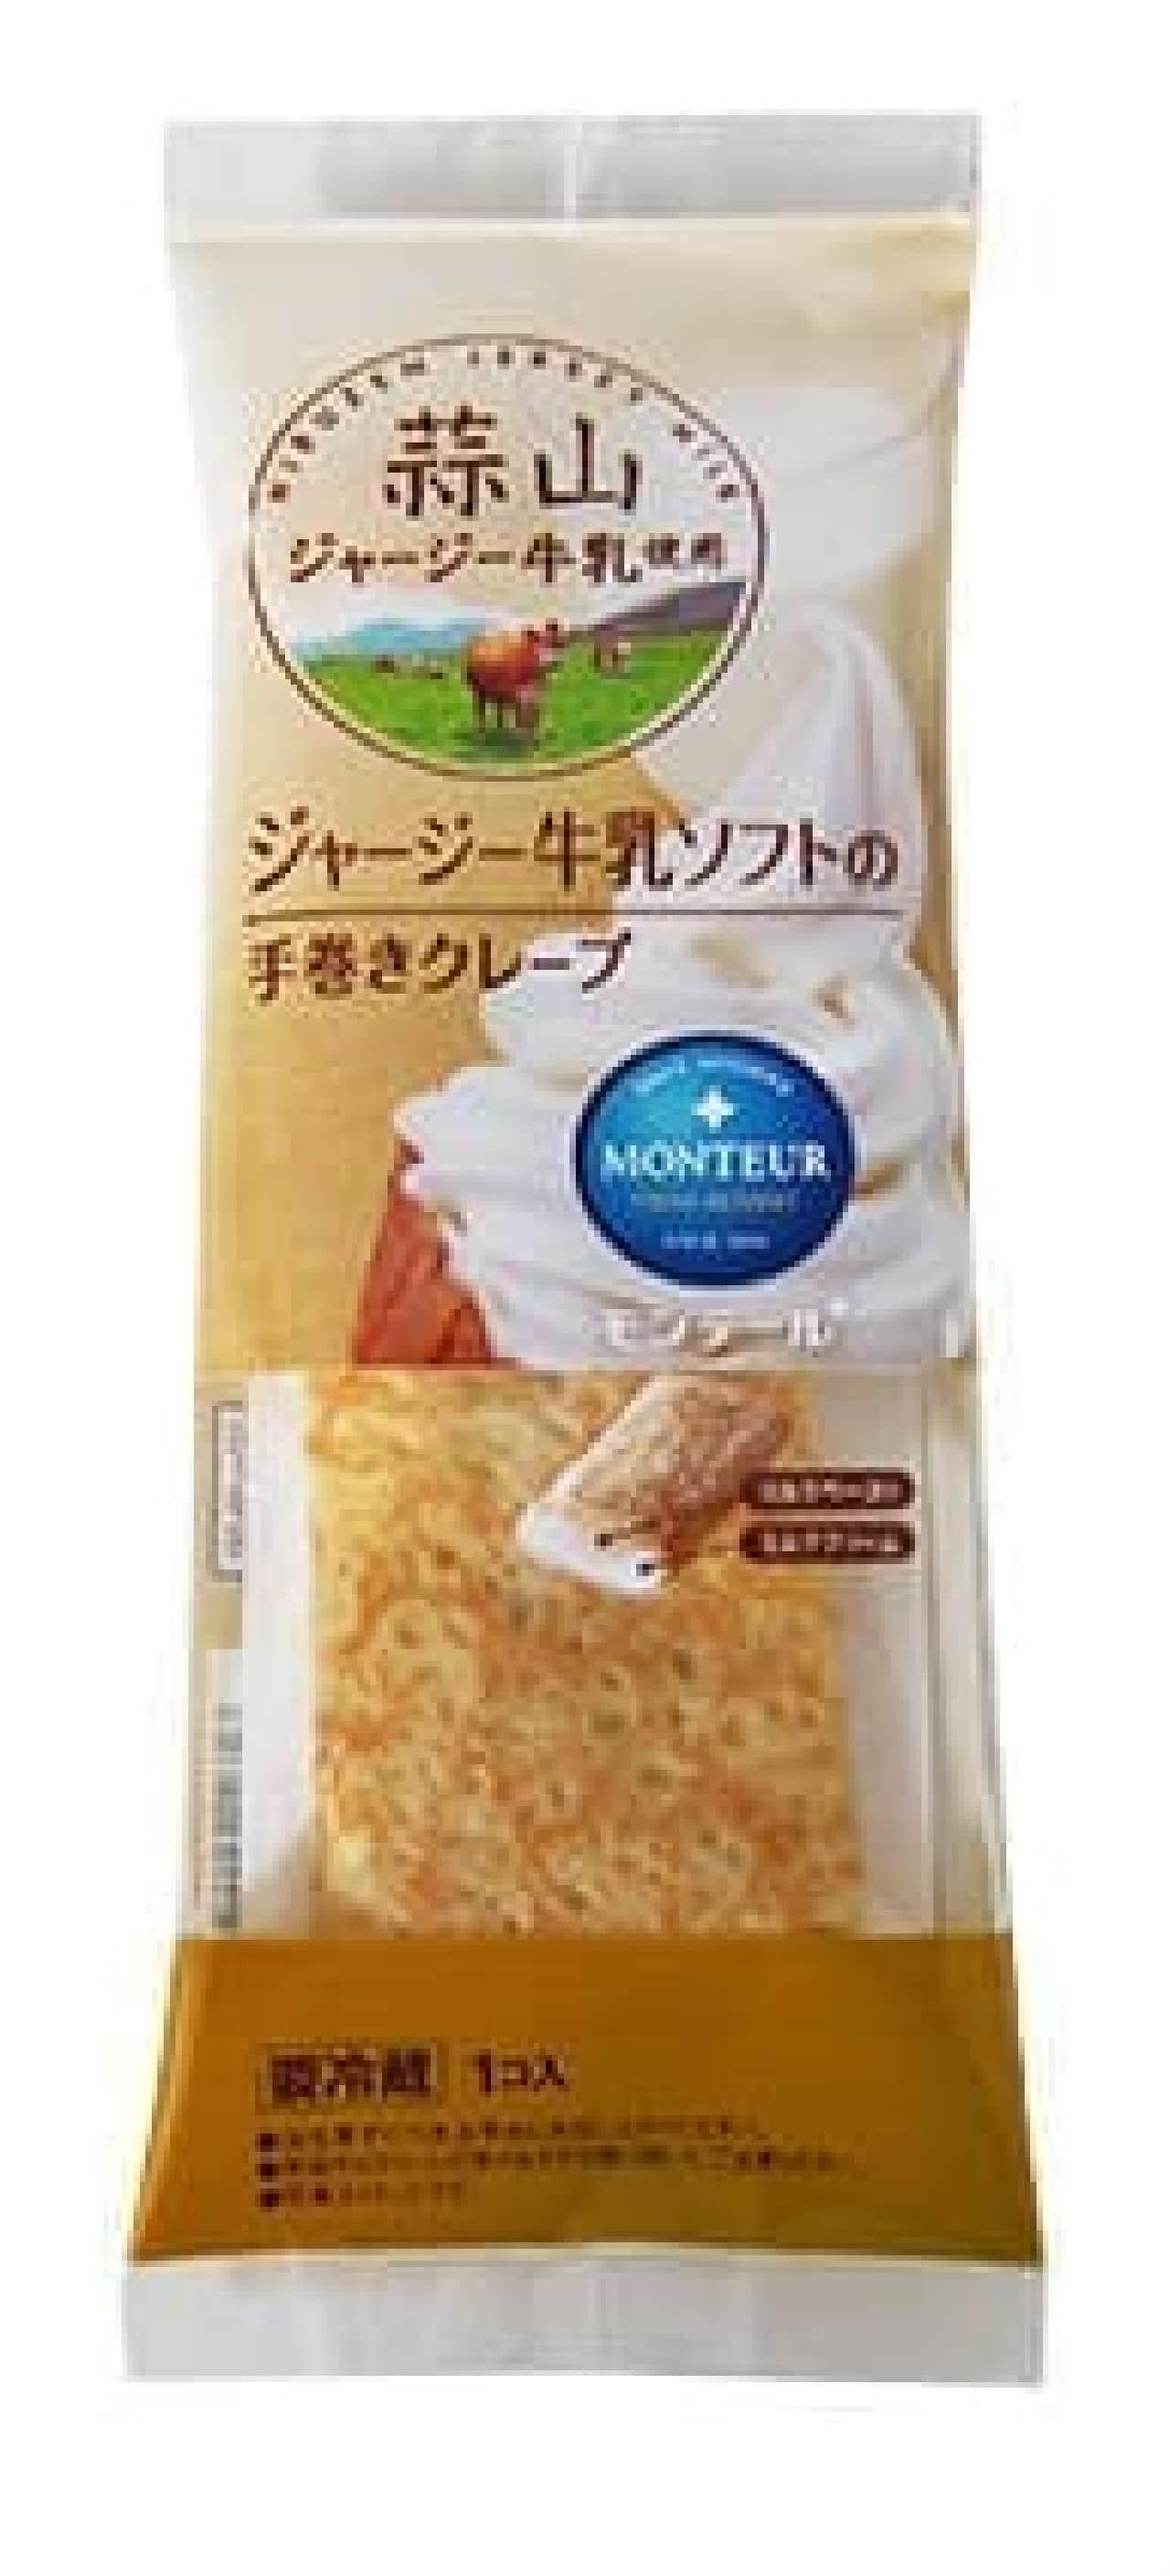 モンテール「ジャージー牛乳ソフトの手巻きクレープ」